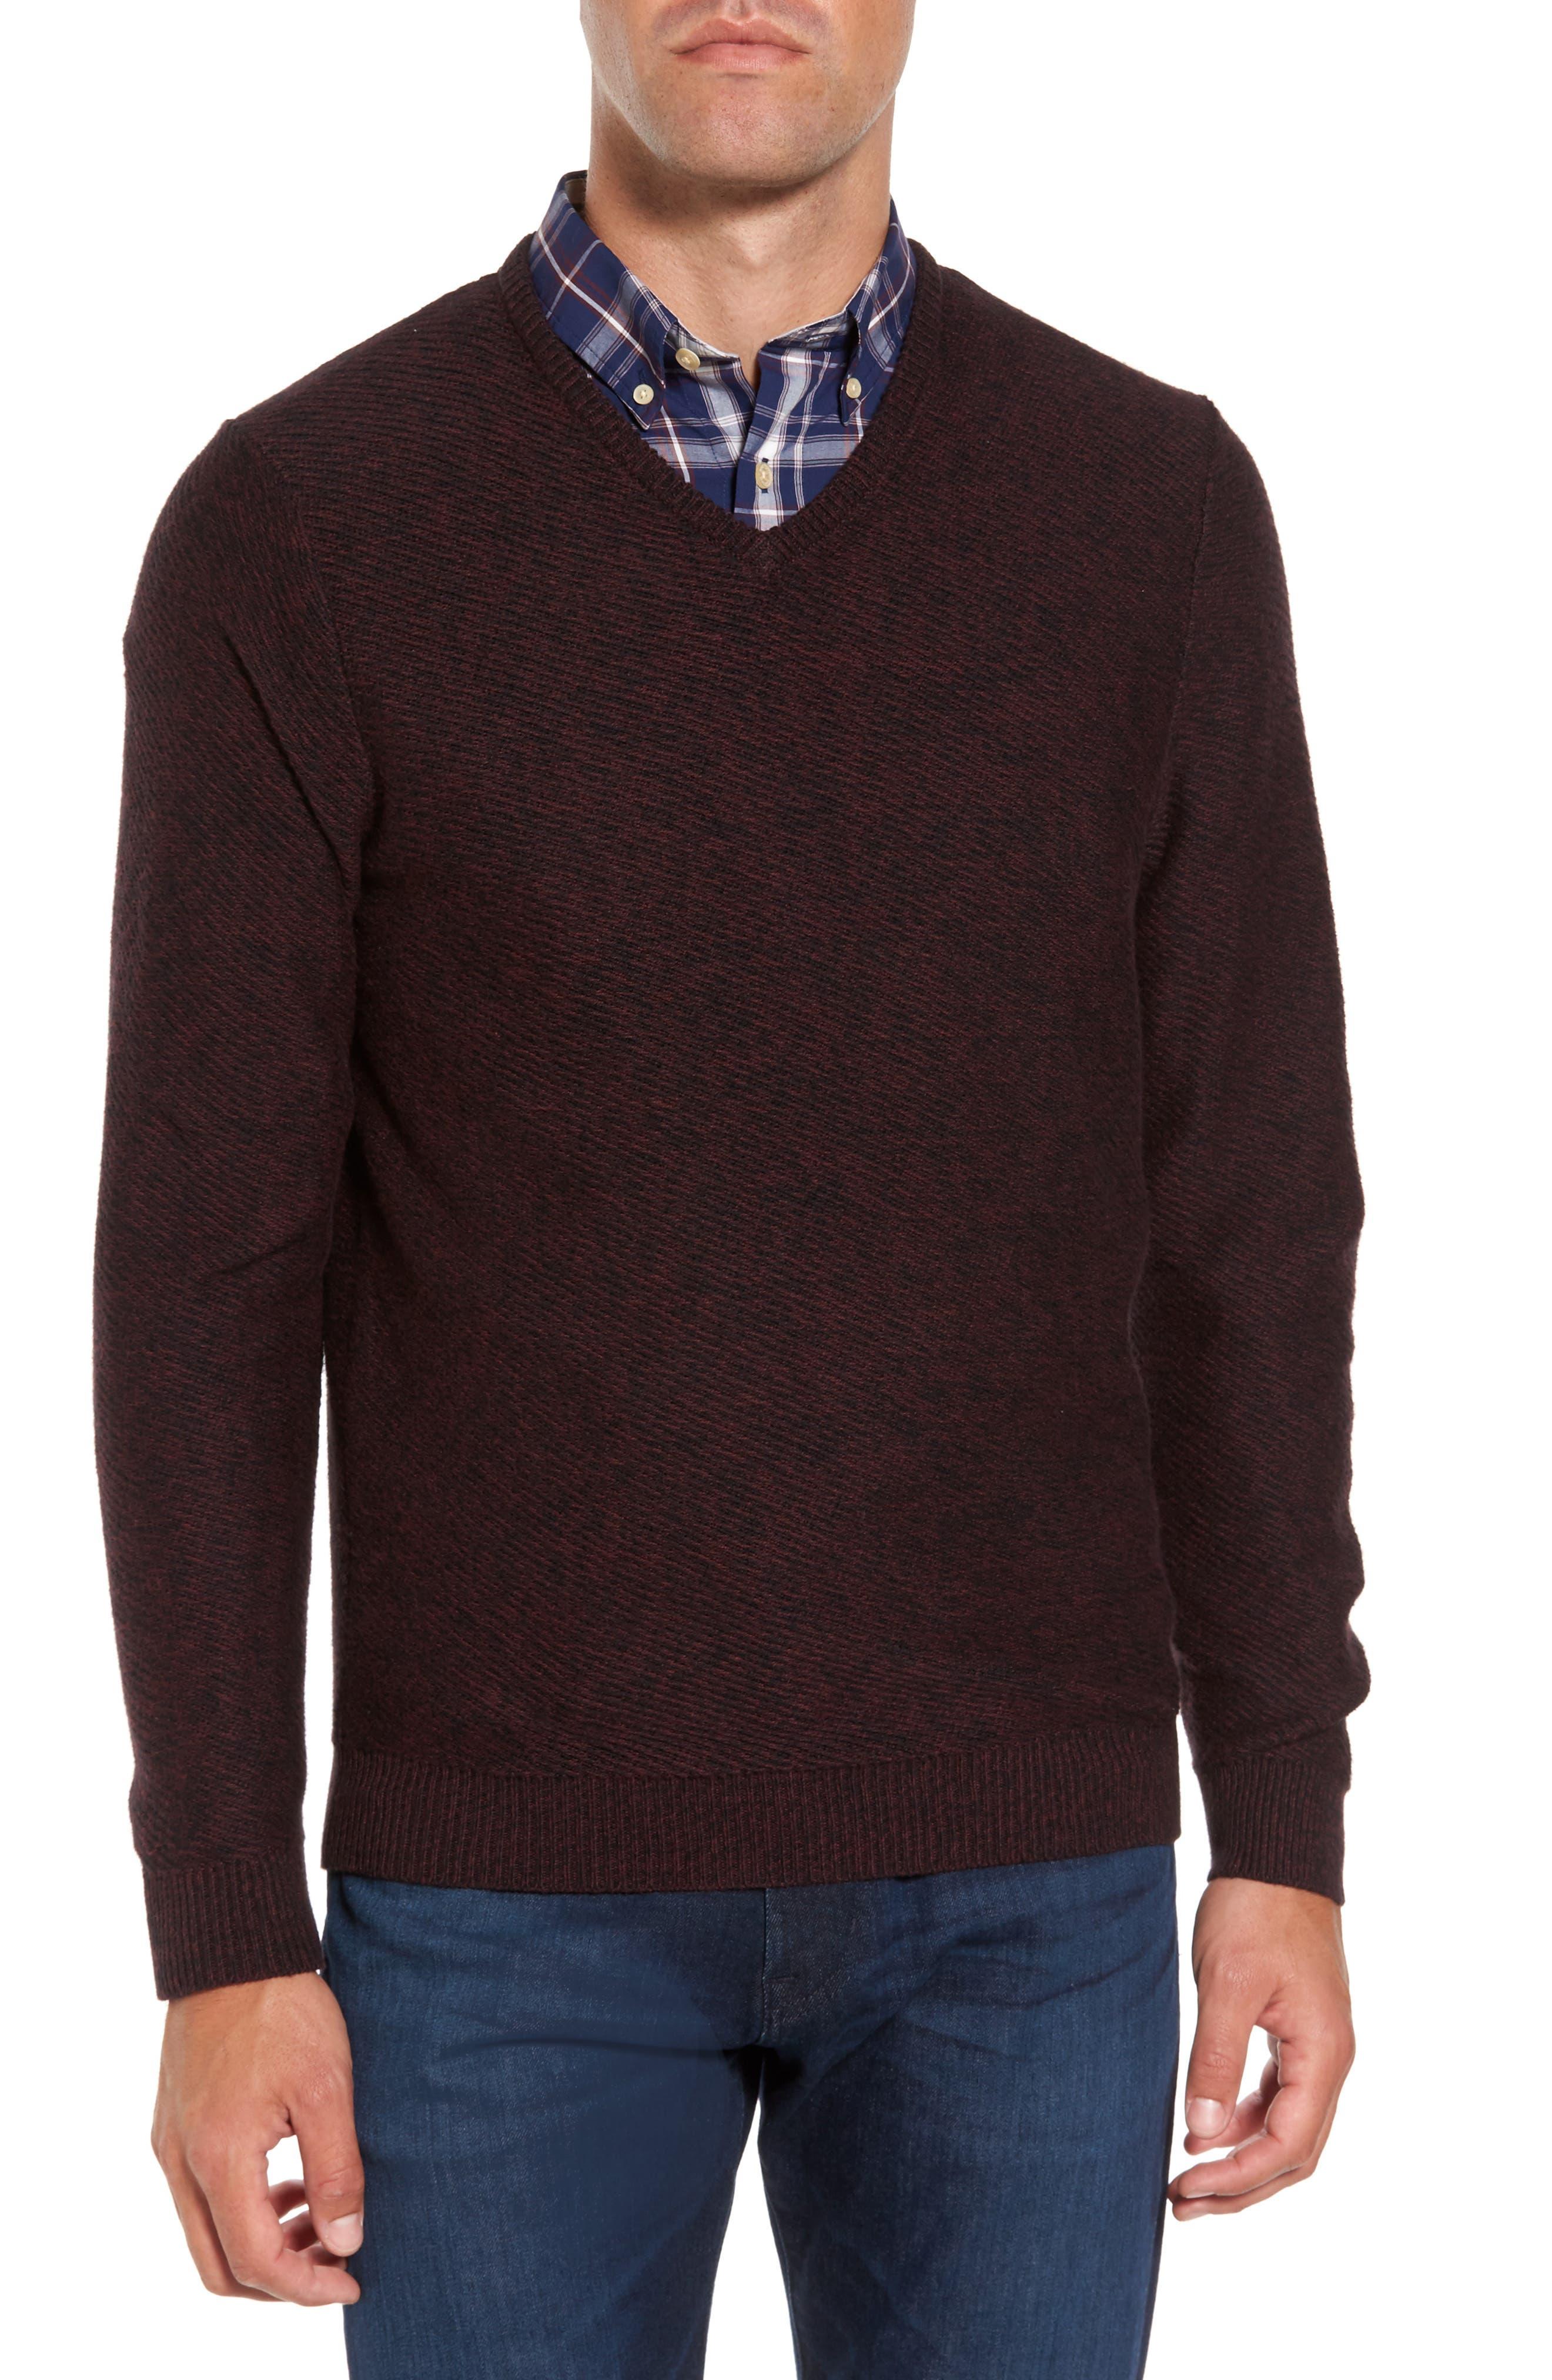 Alternate Image 1 Selected - Nordstrom Men's Shop Cotton & Cashmere V-Neck Sweater